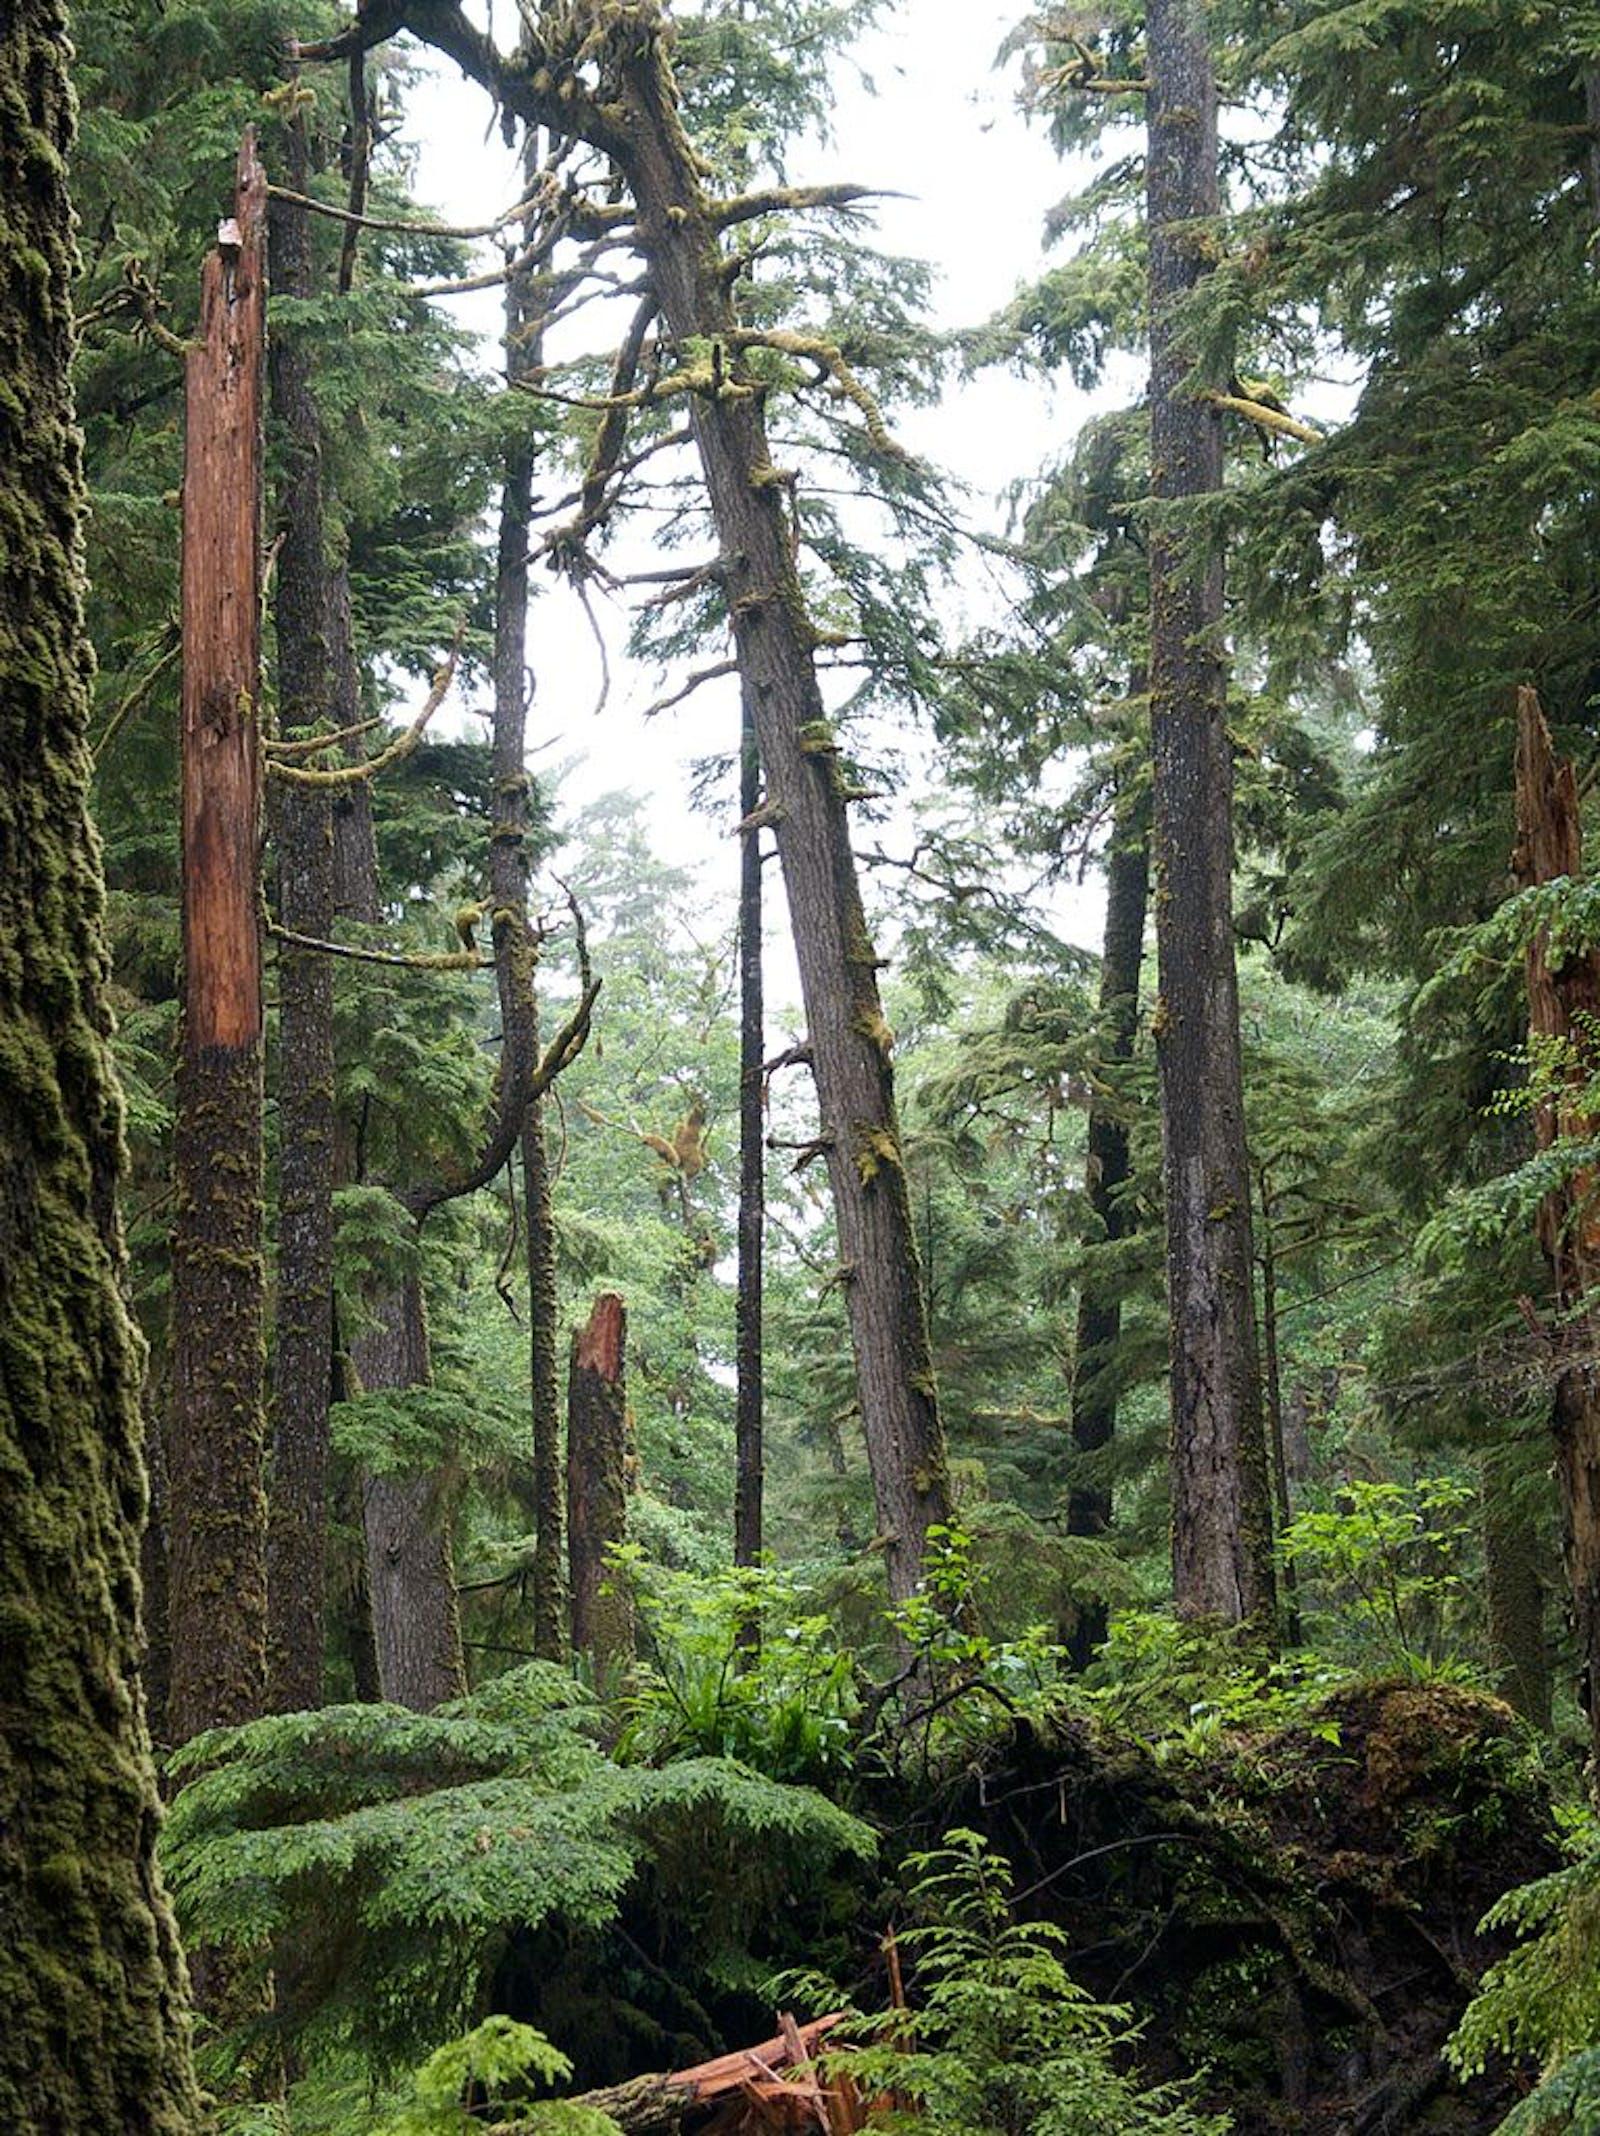 Haida Gwaii Conifer Forests